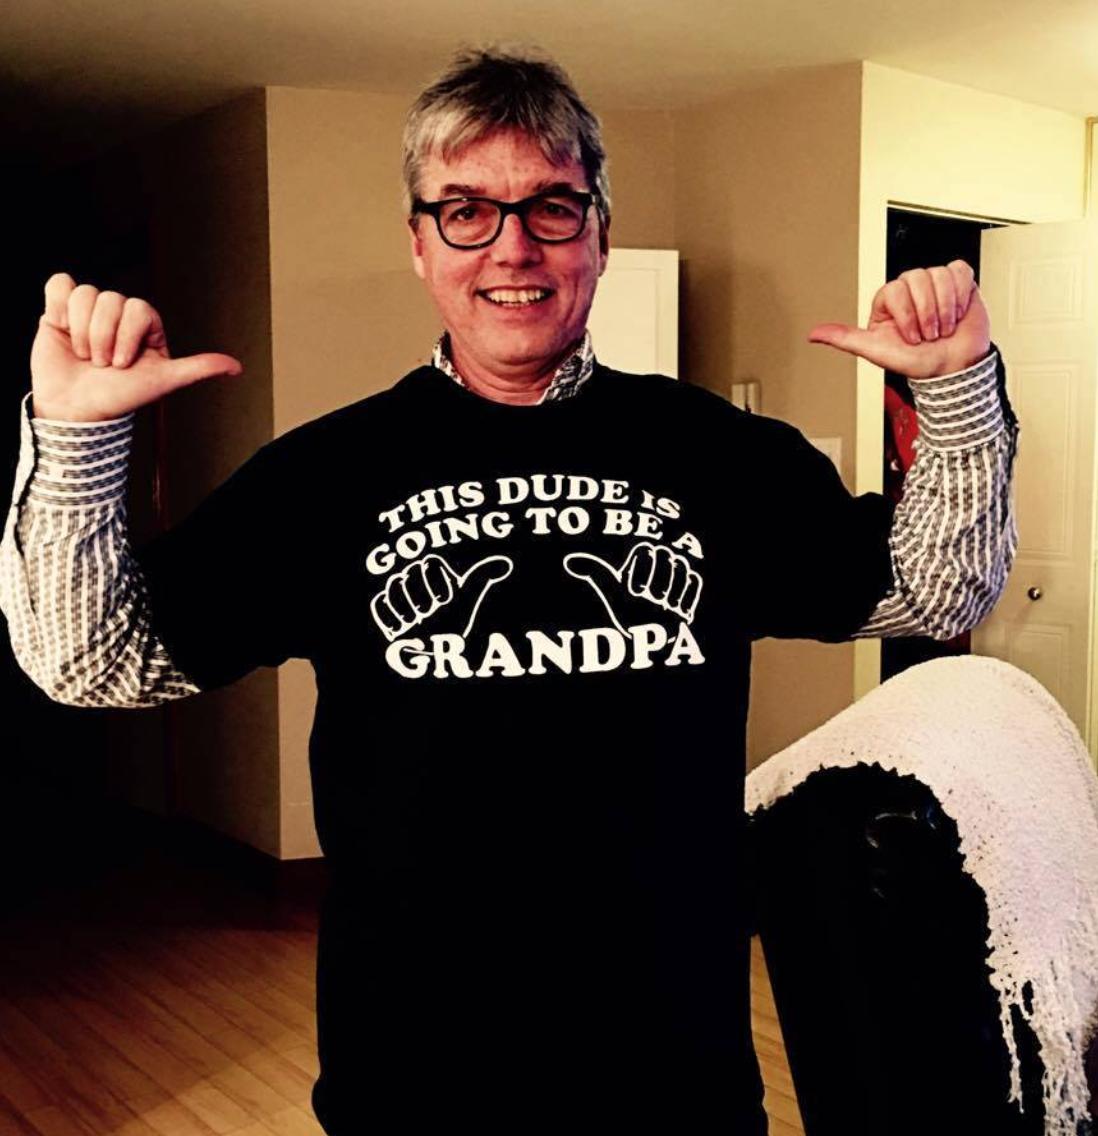 Le grand-père est content!